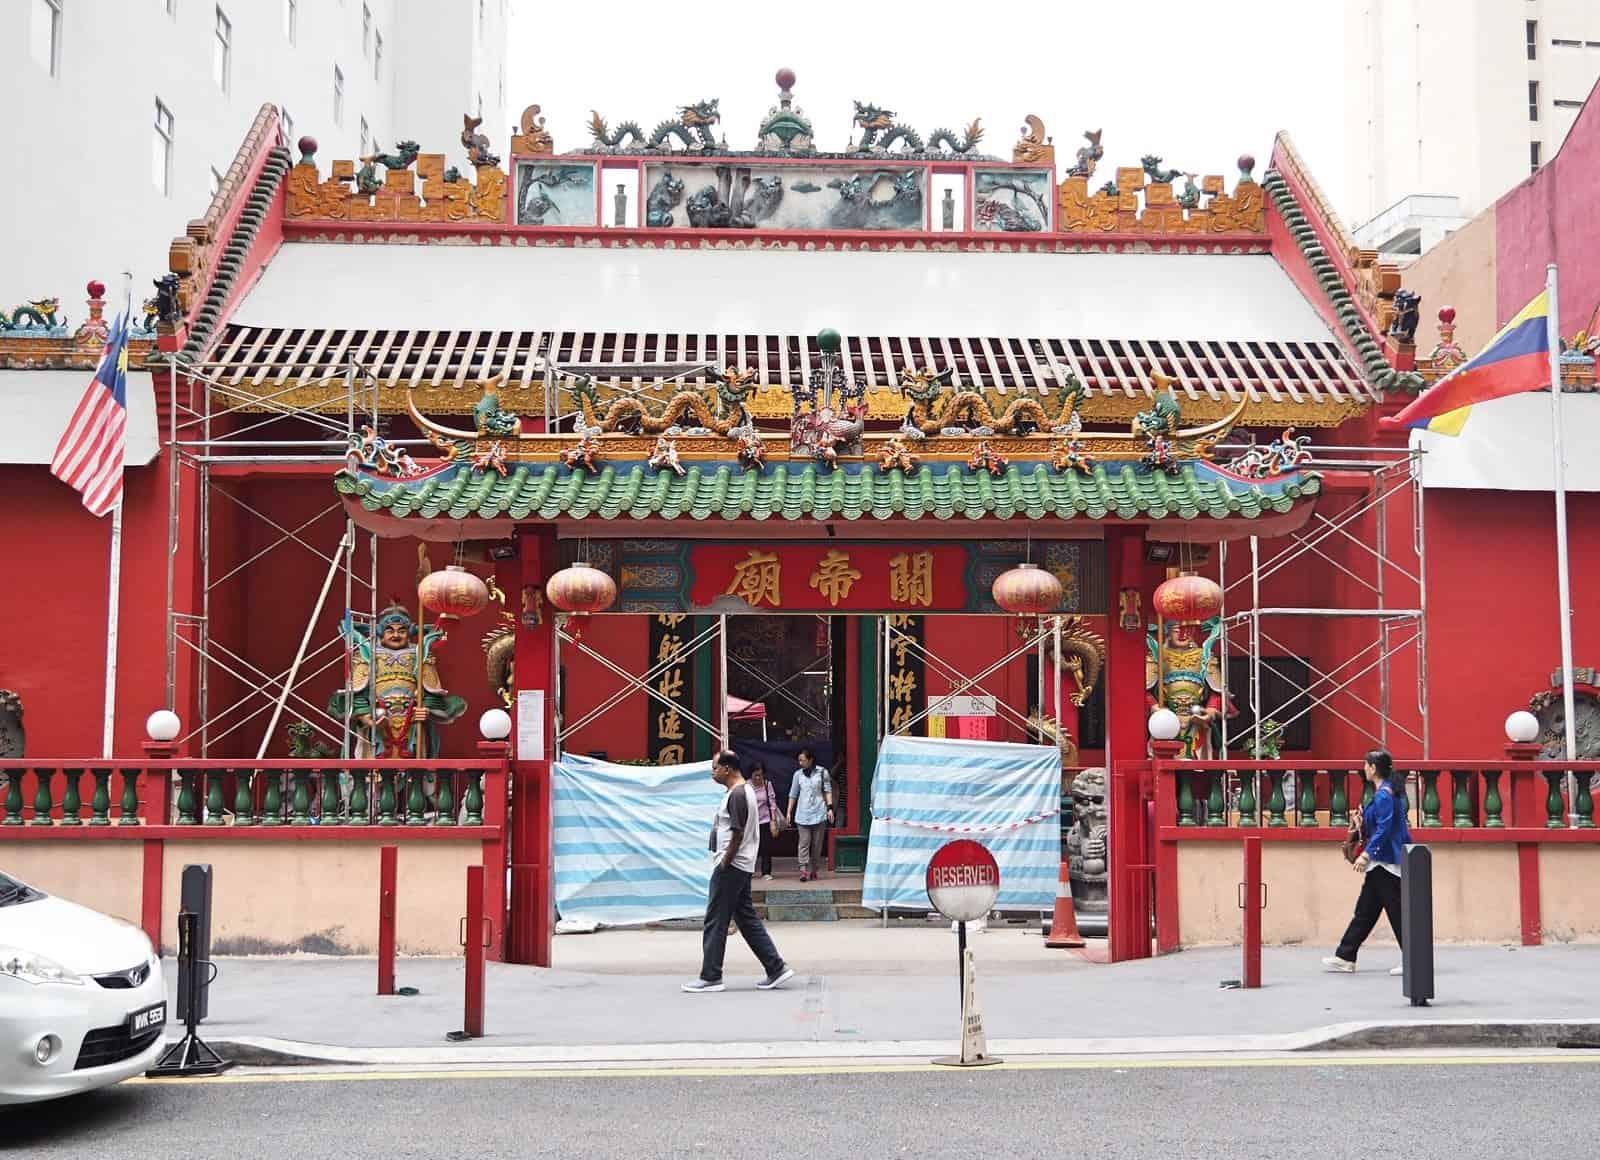 Guan Di Temple in Chinatown, Kuala Lumpur